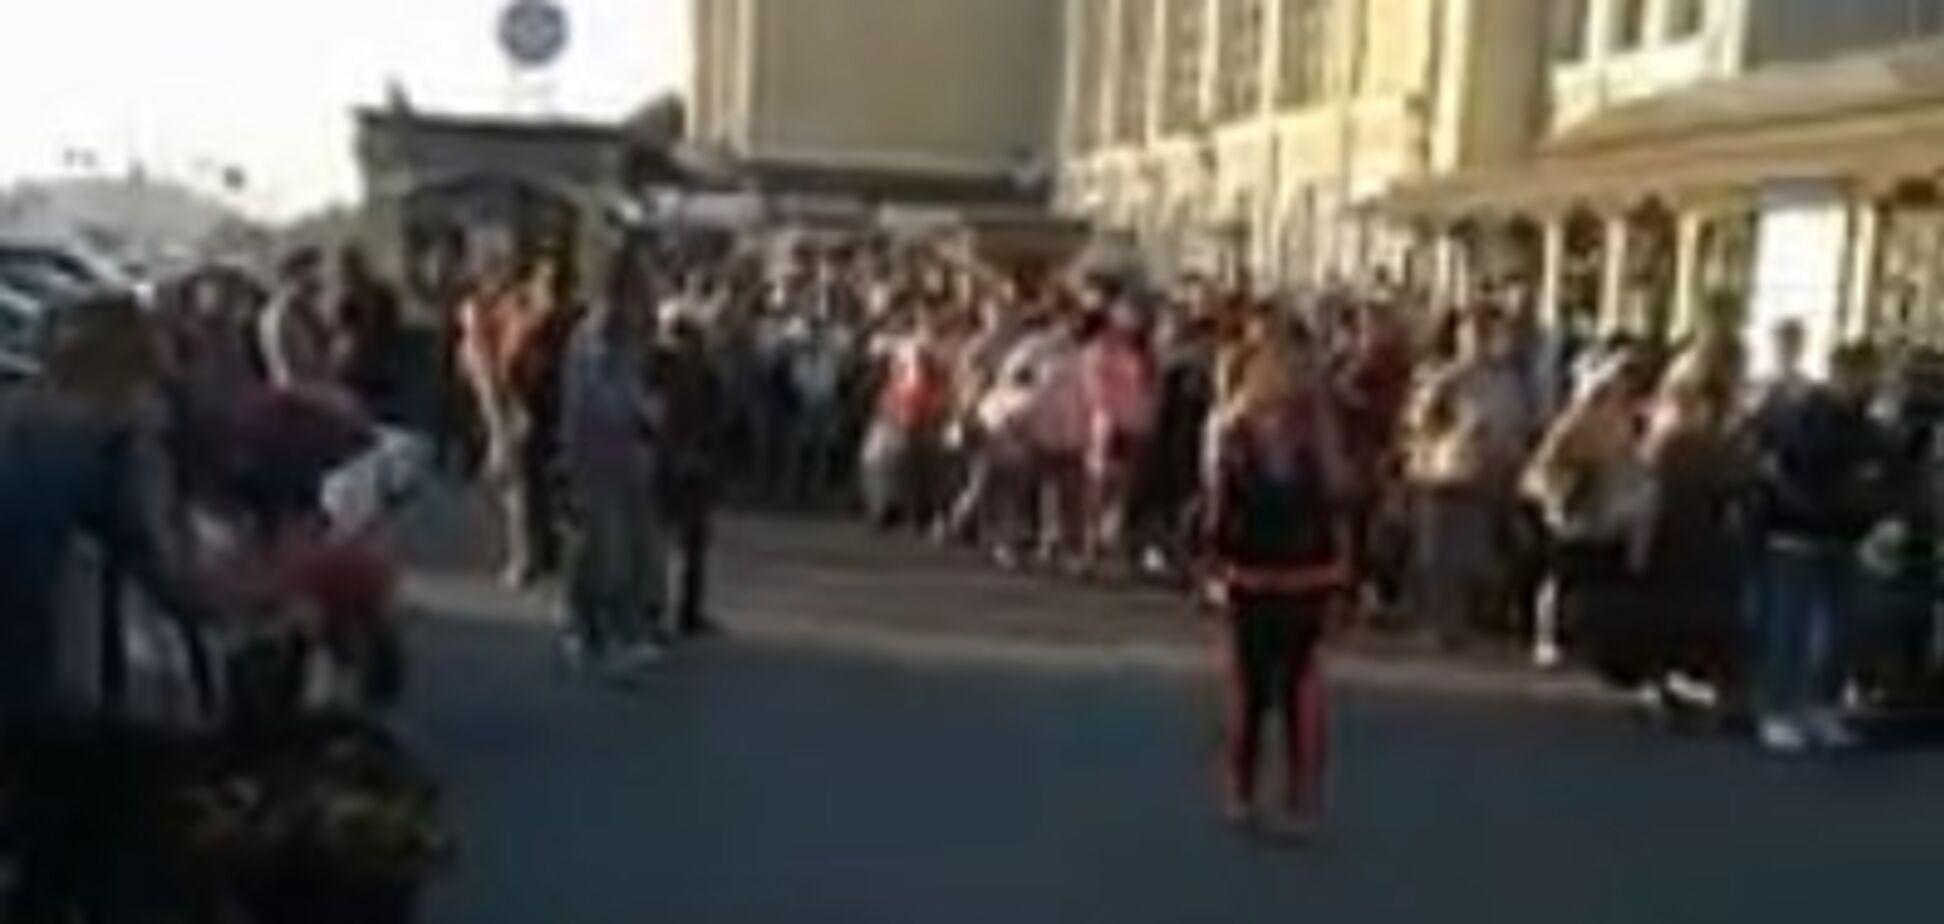 'Главное, что не за боярышником': в сети появилось видео невероятной очереди в метро Киева